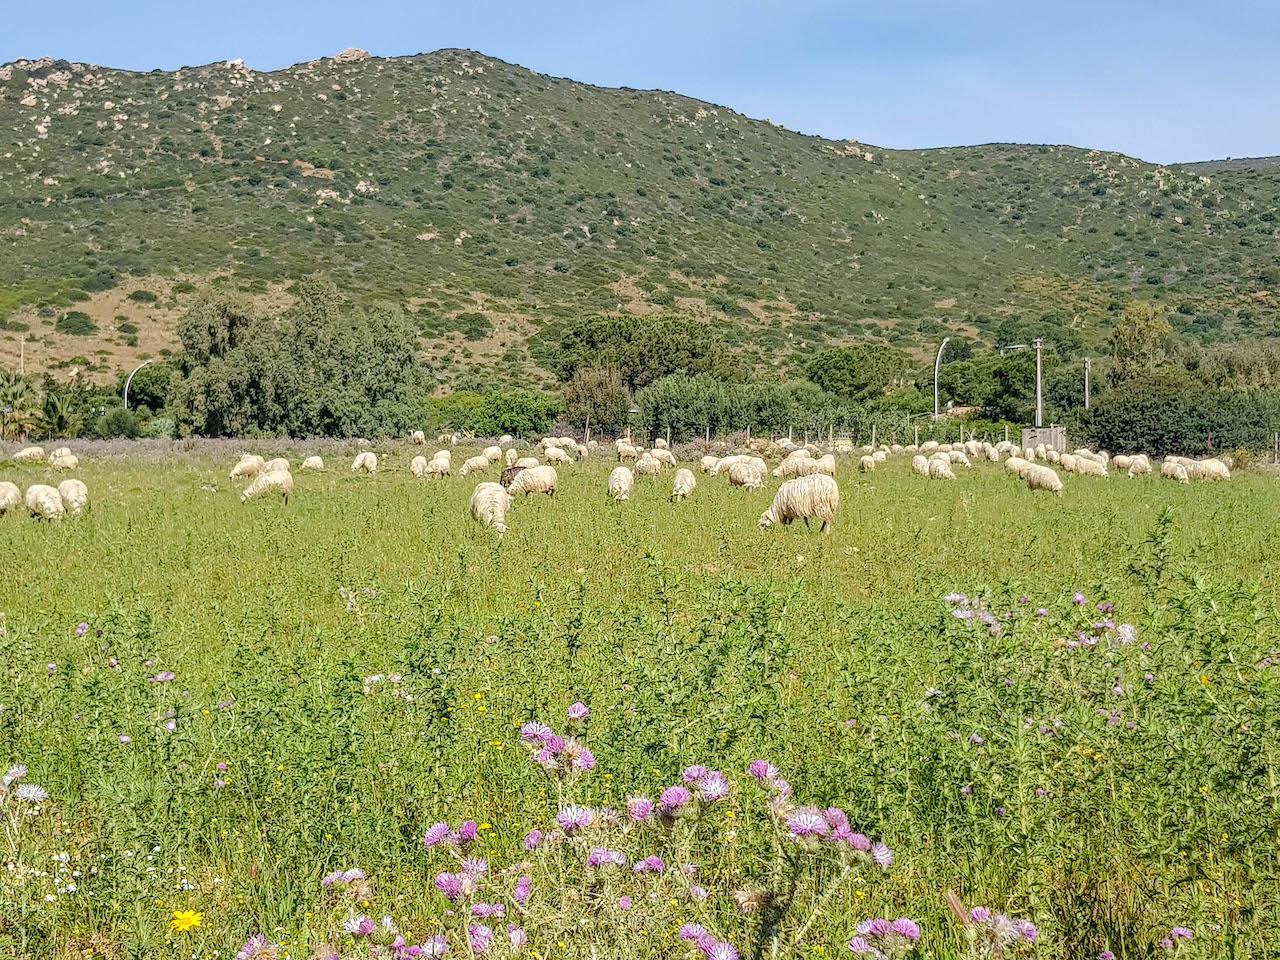 Auf Sardinien gibt es unzählige Schafe - sehr zur Freude unserer Tochter.